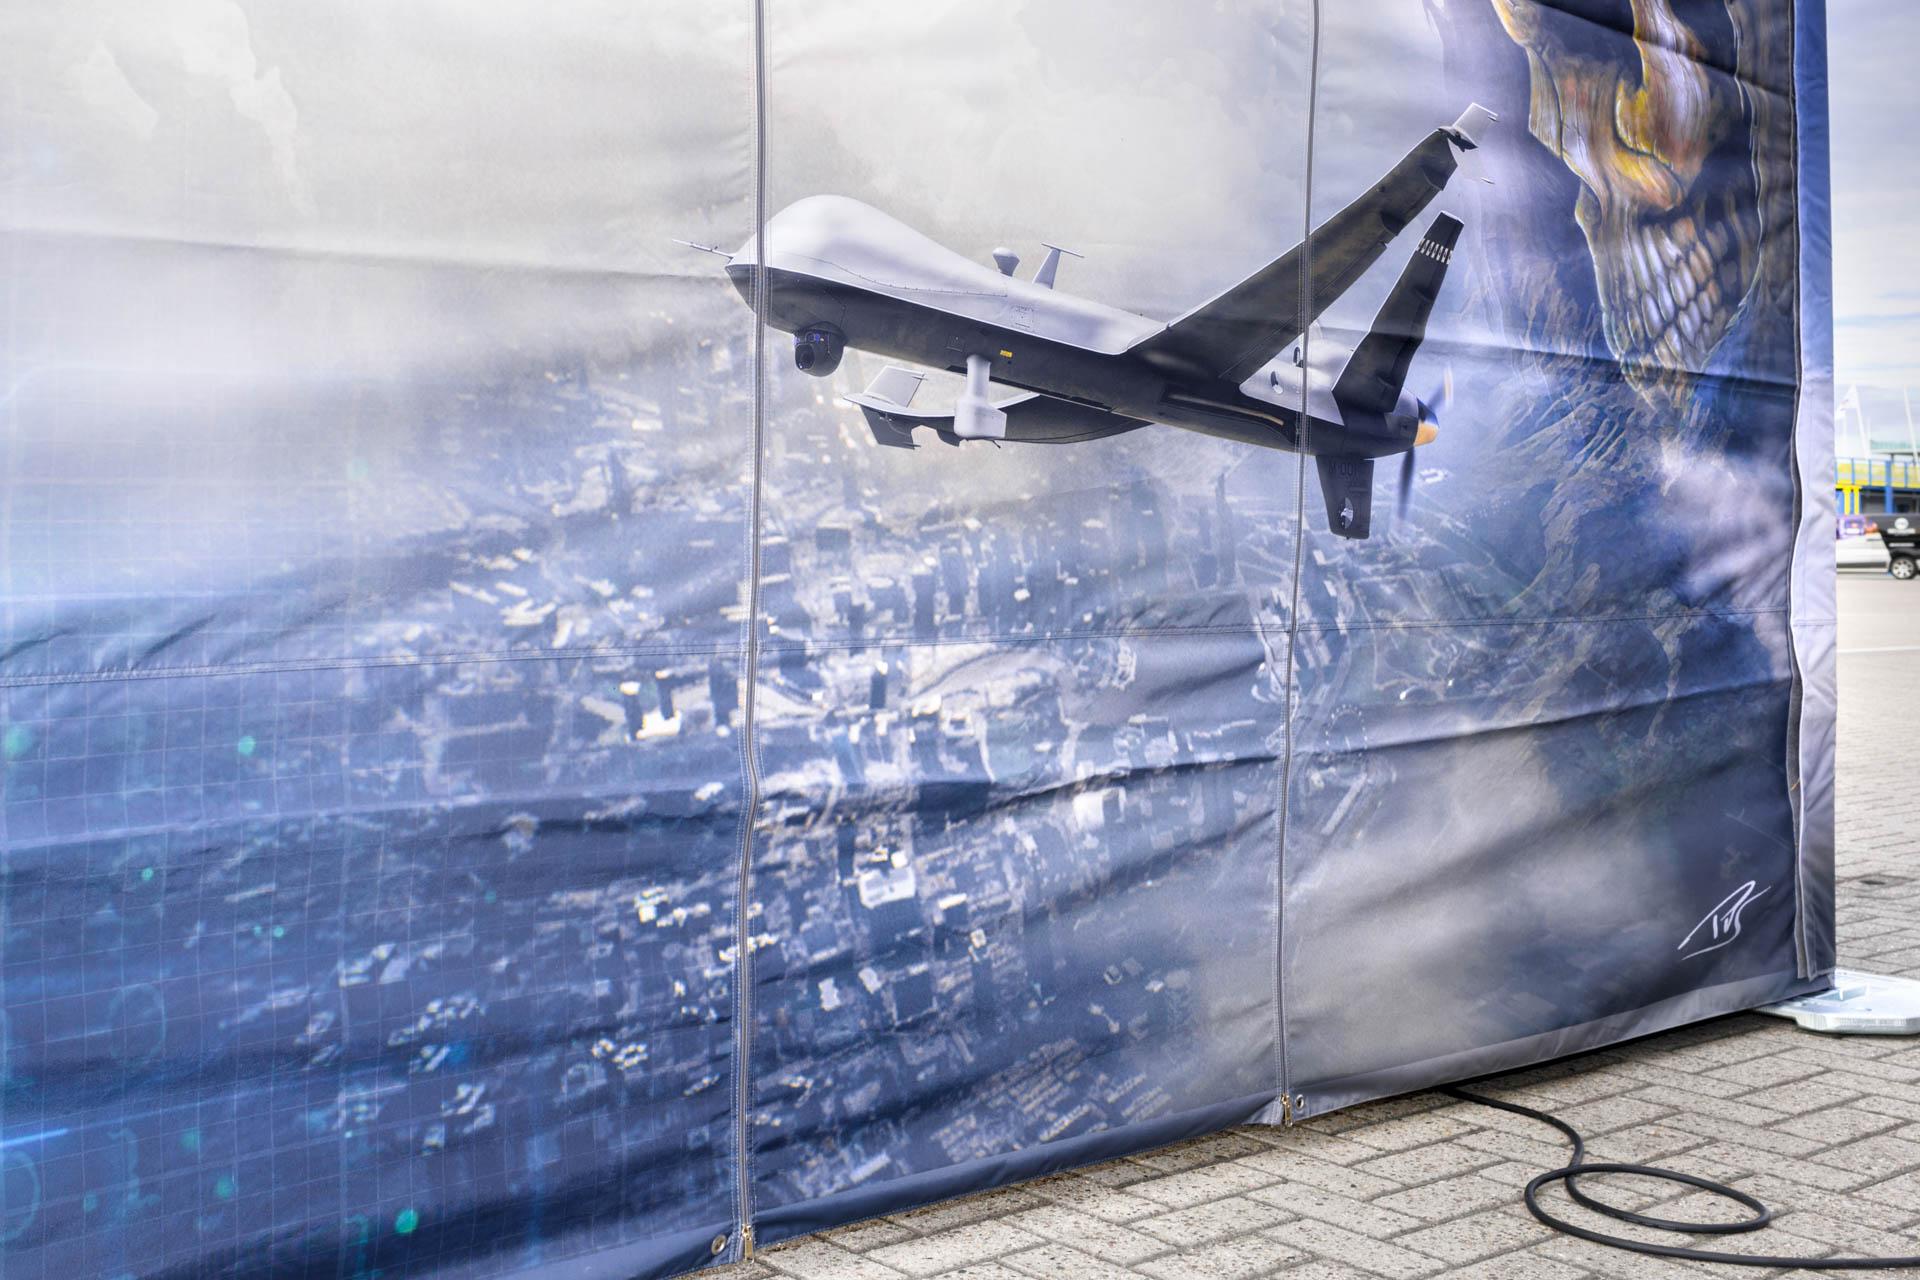 Face Reality | MQ-9 Reaper Defensie drone afbeelding op doek infostand defensie - Dronefestival TT assen 2019 | Sas Schilten ★ Fotografie